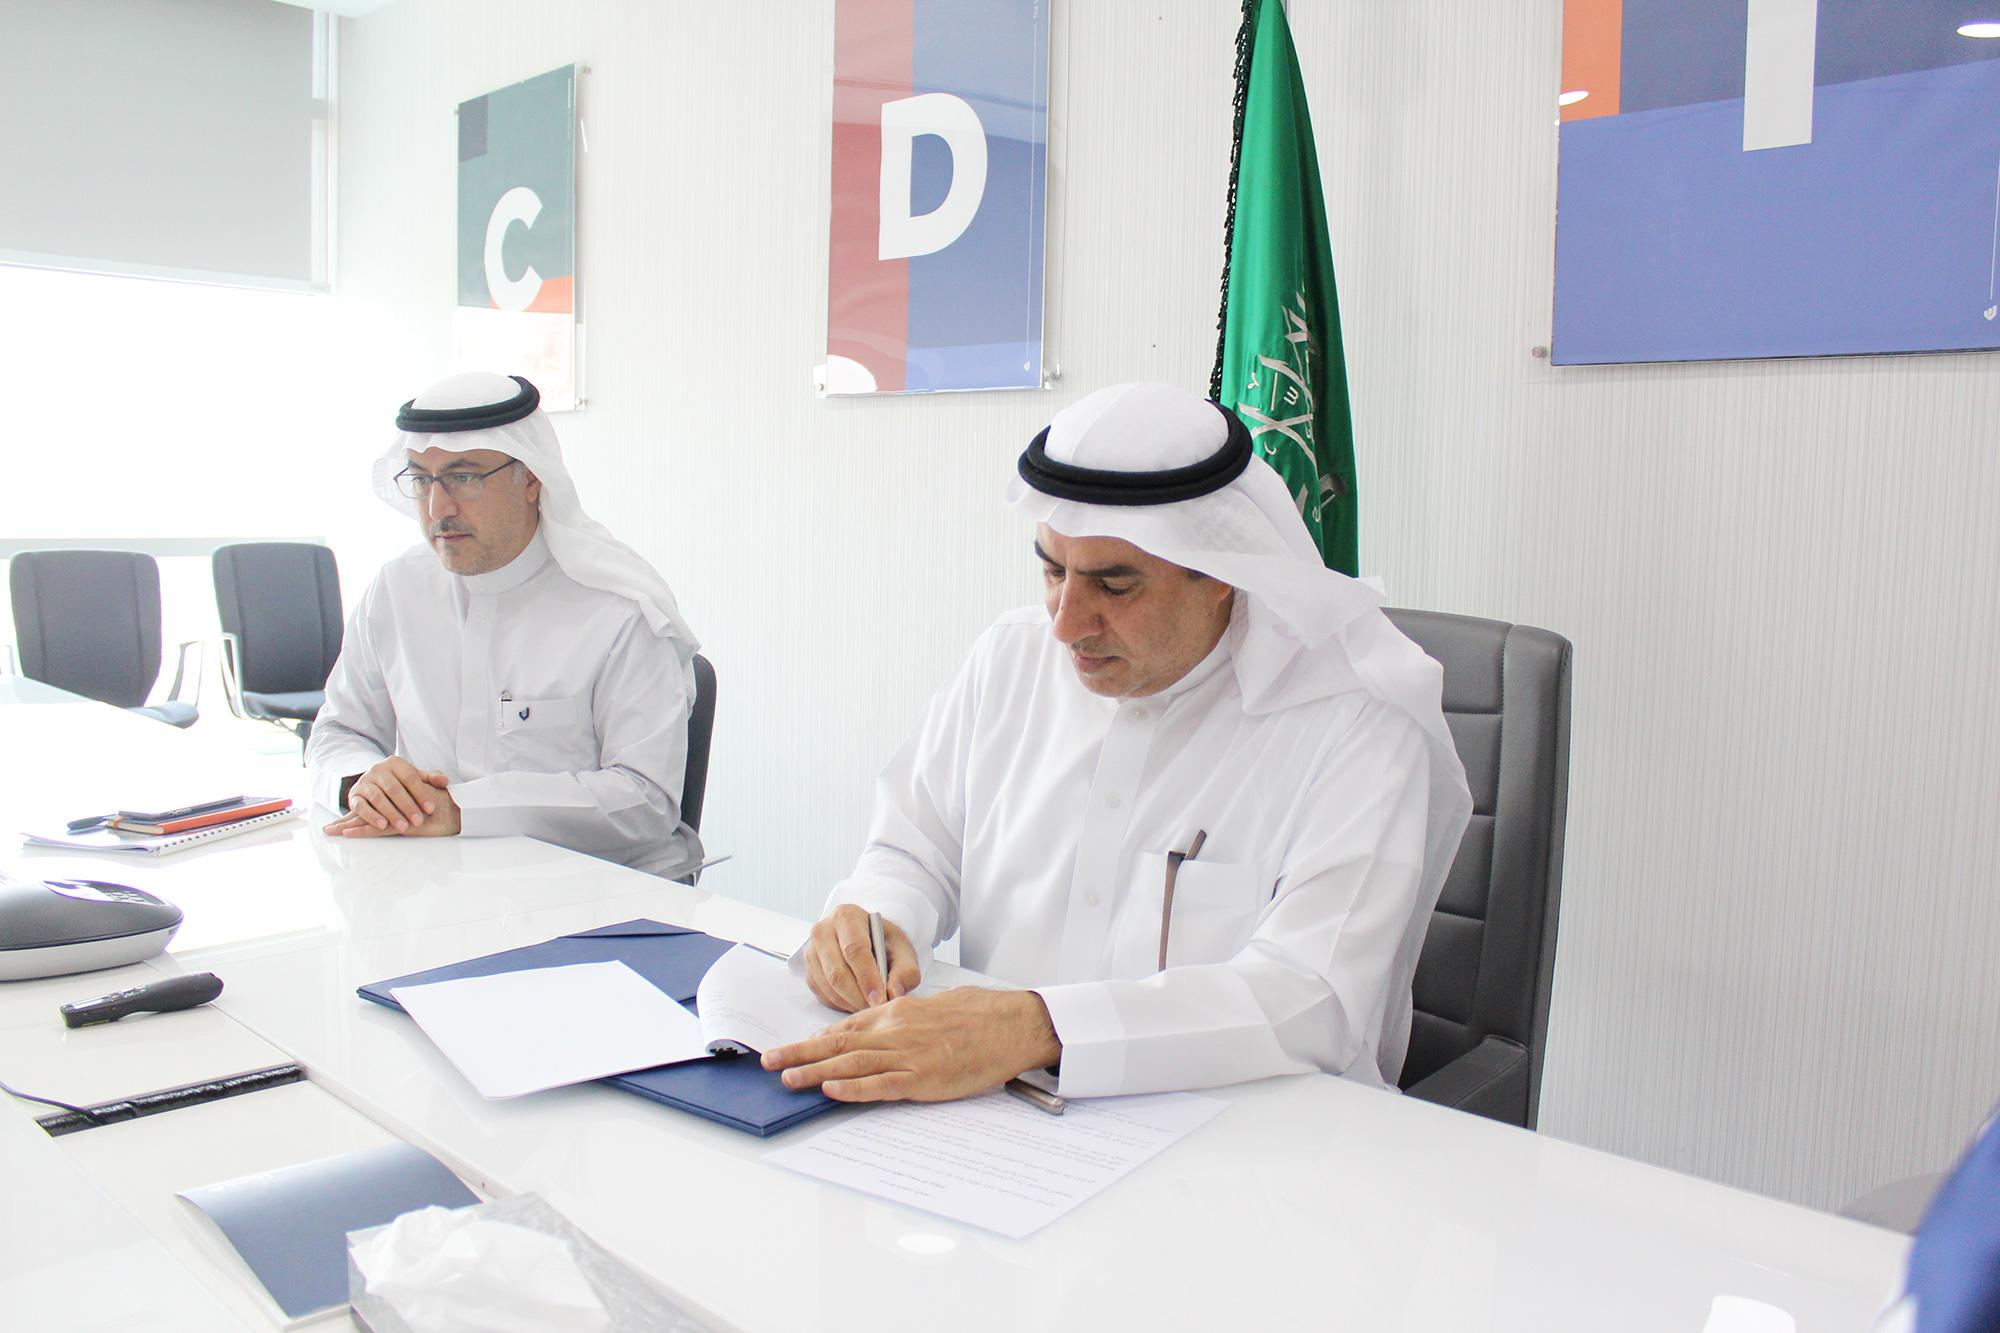 وزارة الموارد البشرية والتنمية الاجتماعية وشركة البحري تُبرمان اتفاقية تعاون لنشر ثقافة المسؤولية المجتمعية